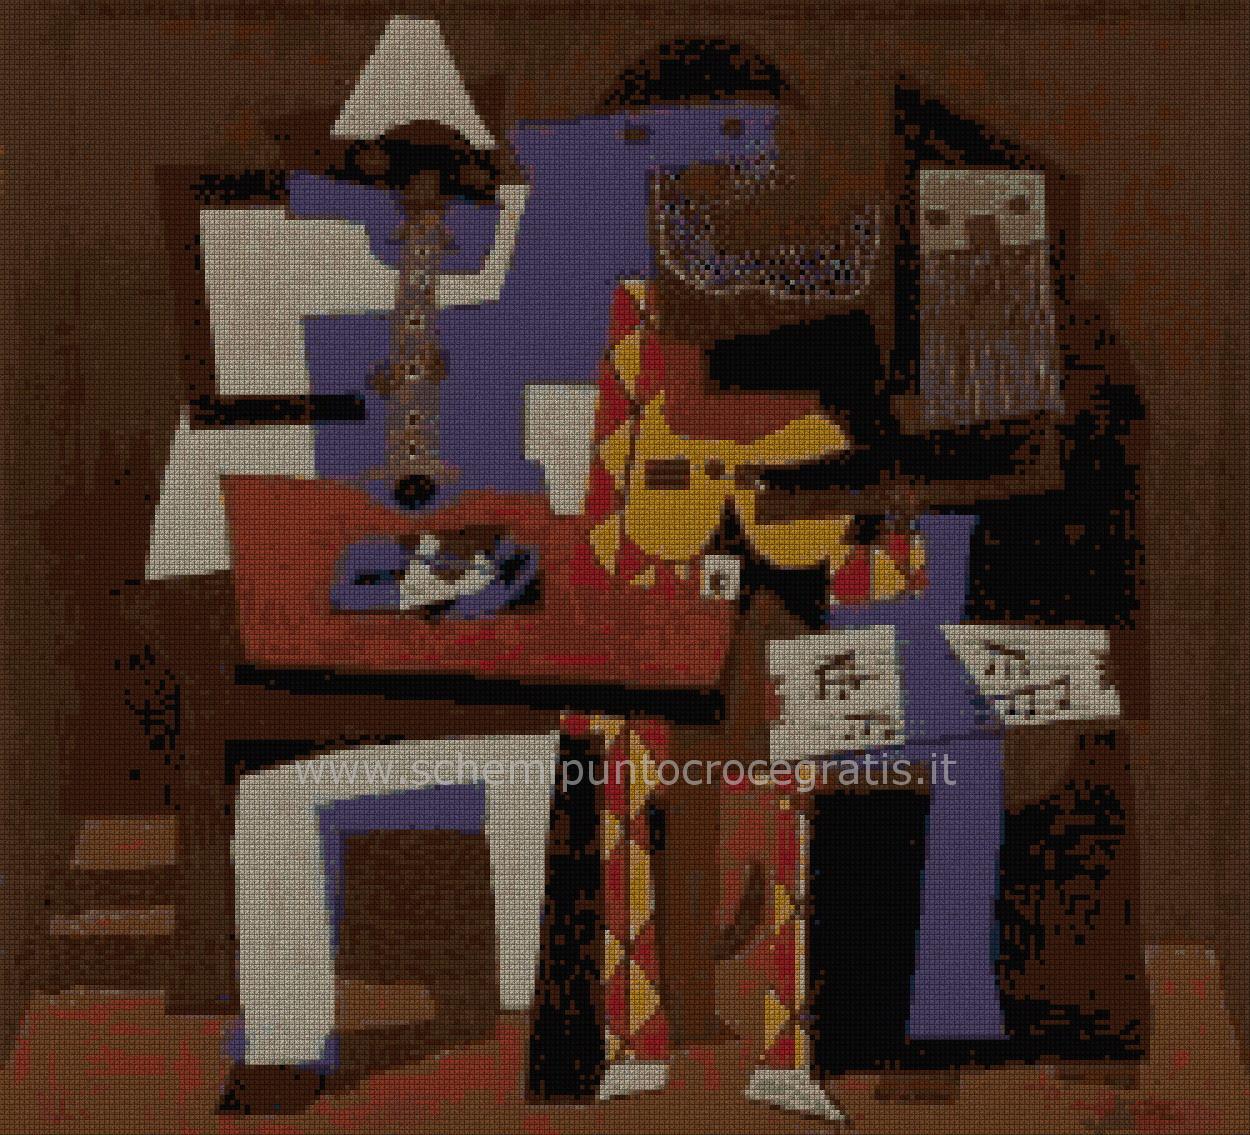 pittori_moderni/picasso/Picasso38.jpg